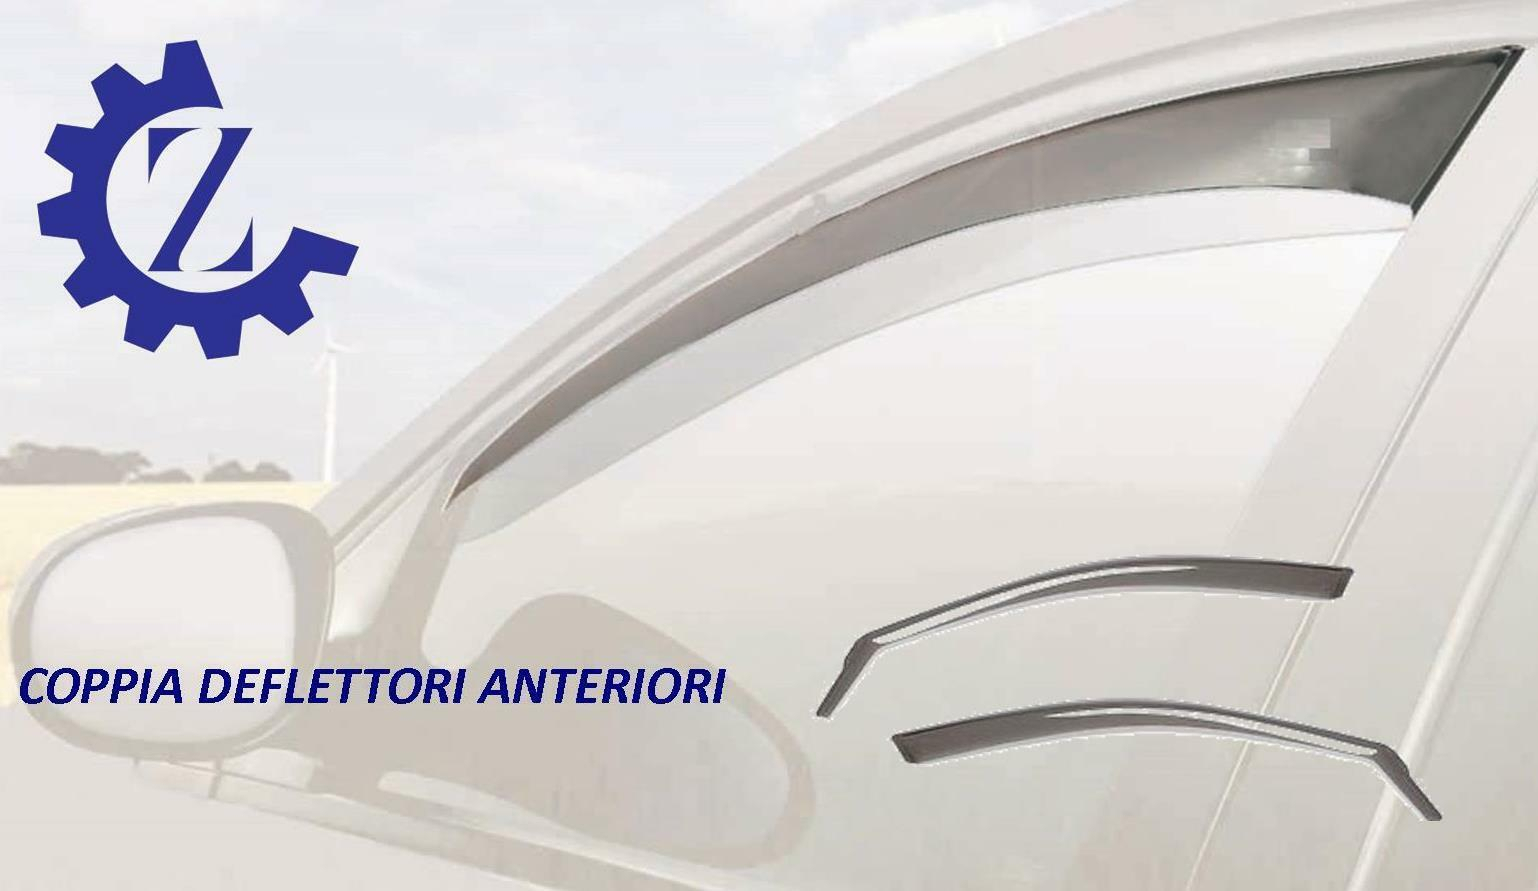 DEFLETTORI ARIA ANTITURBO PER FIAT GRANDE PUNTO / PUNTO EVO 3 PORTE